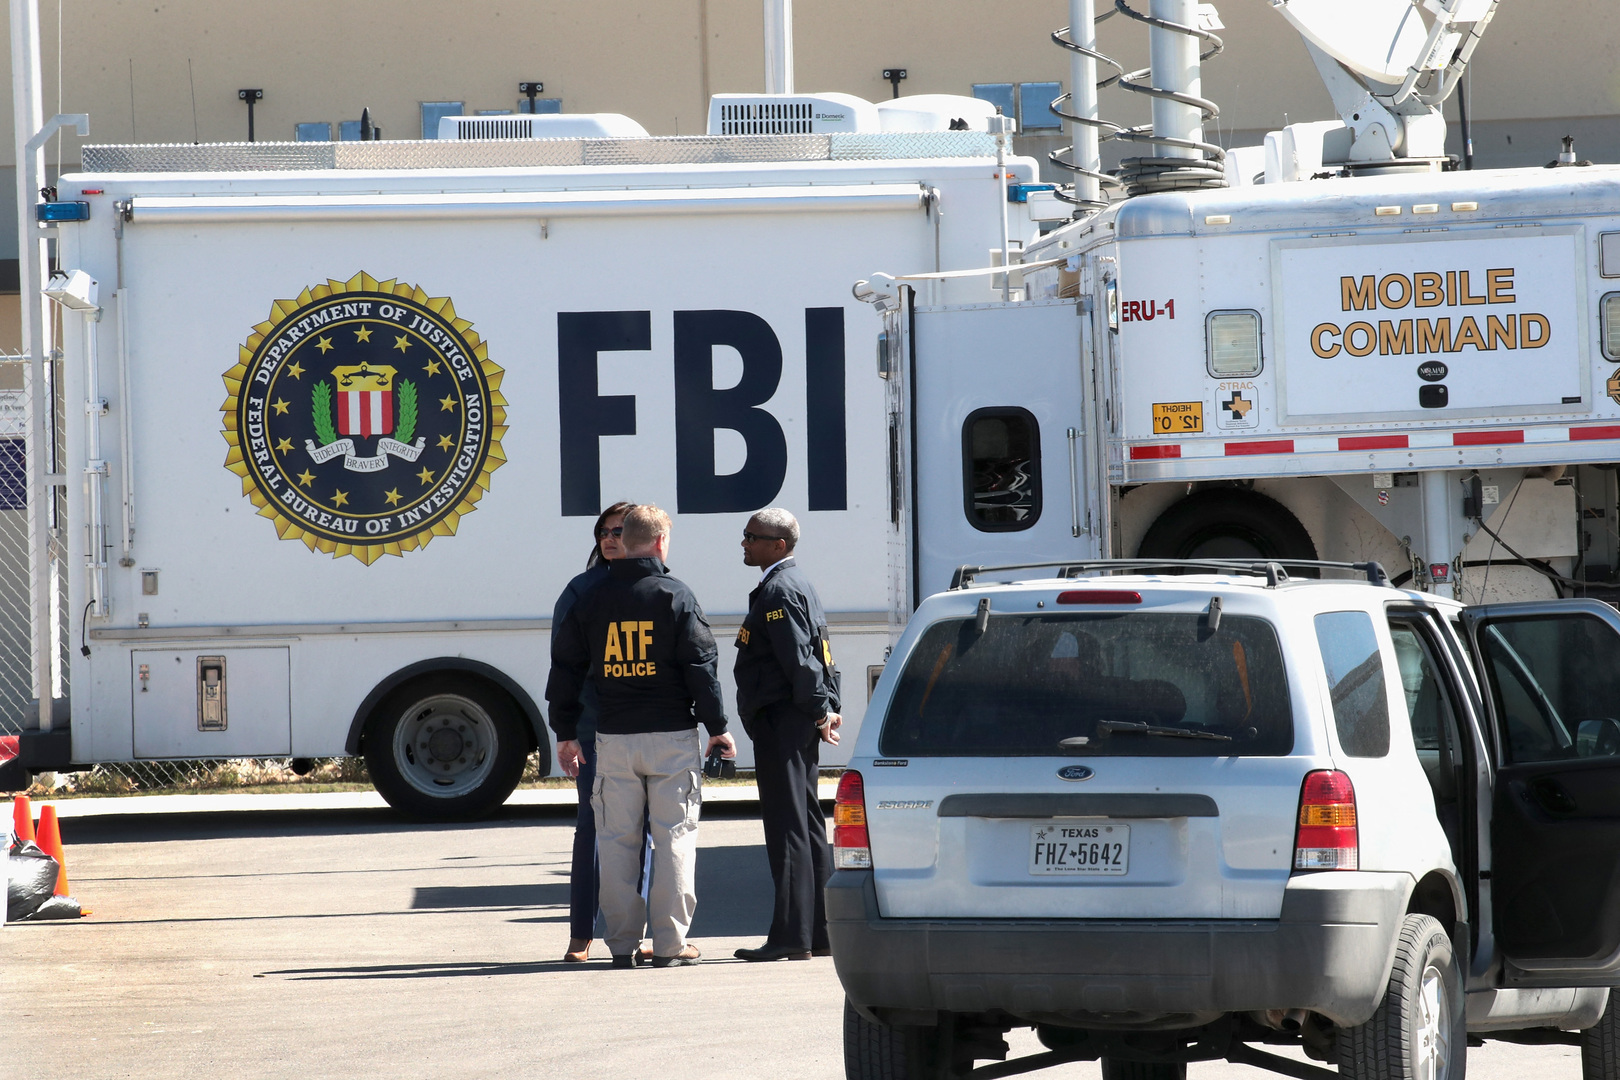 ولاية تكساس.. القضاء على مسلح أطلق النار عشوائيا في مطار سان أنطونيو